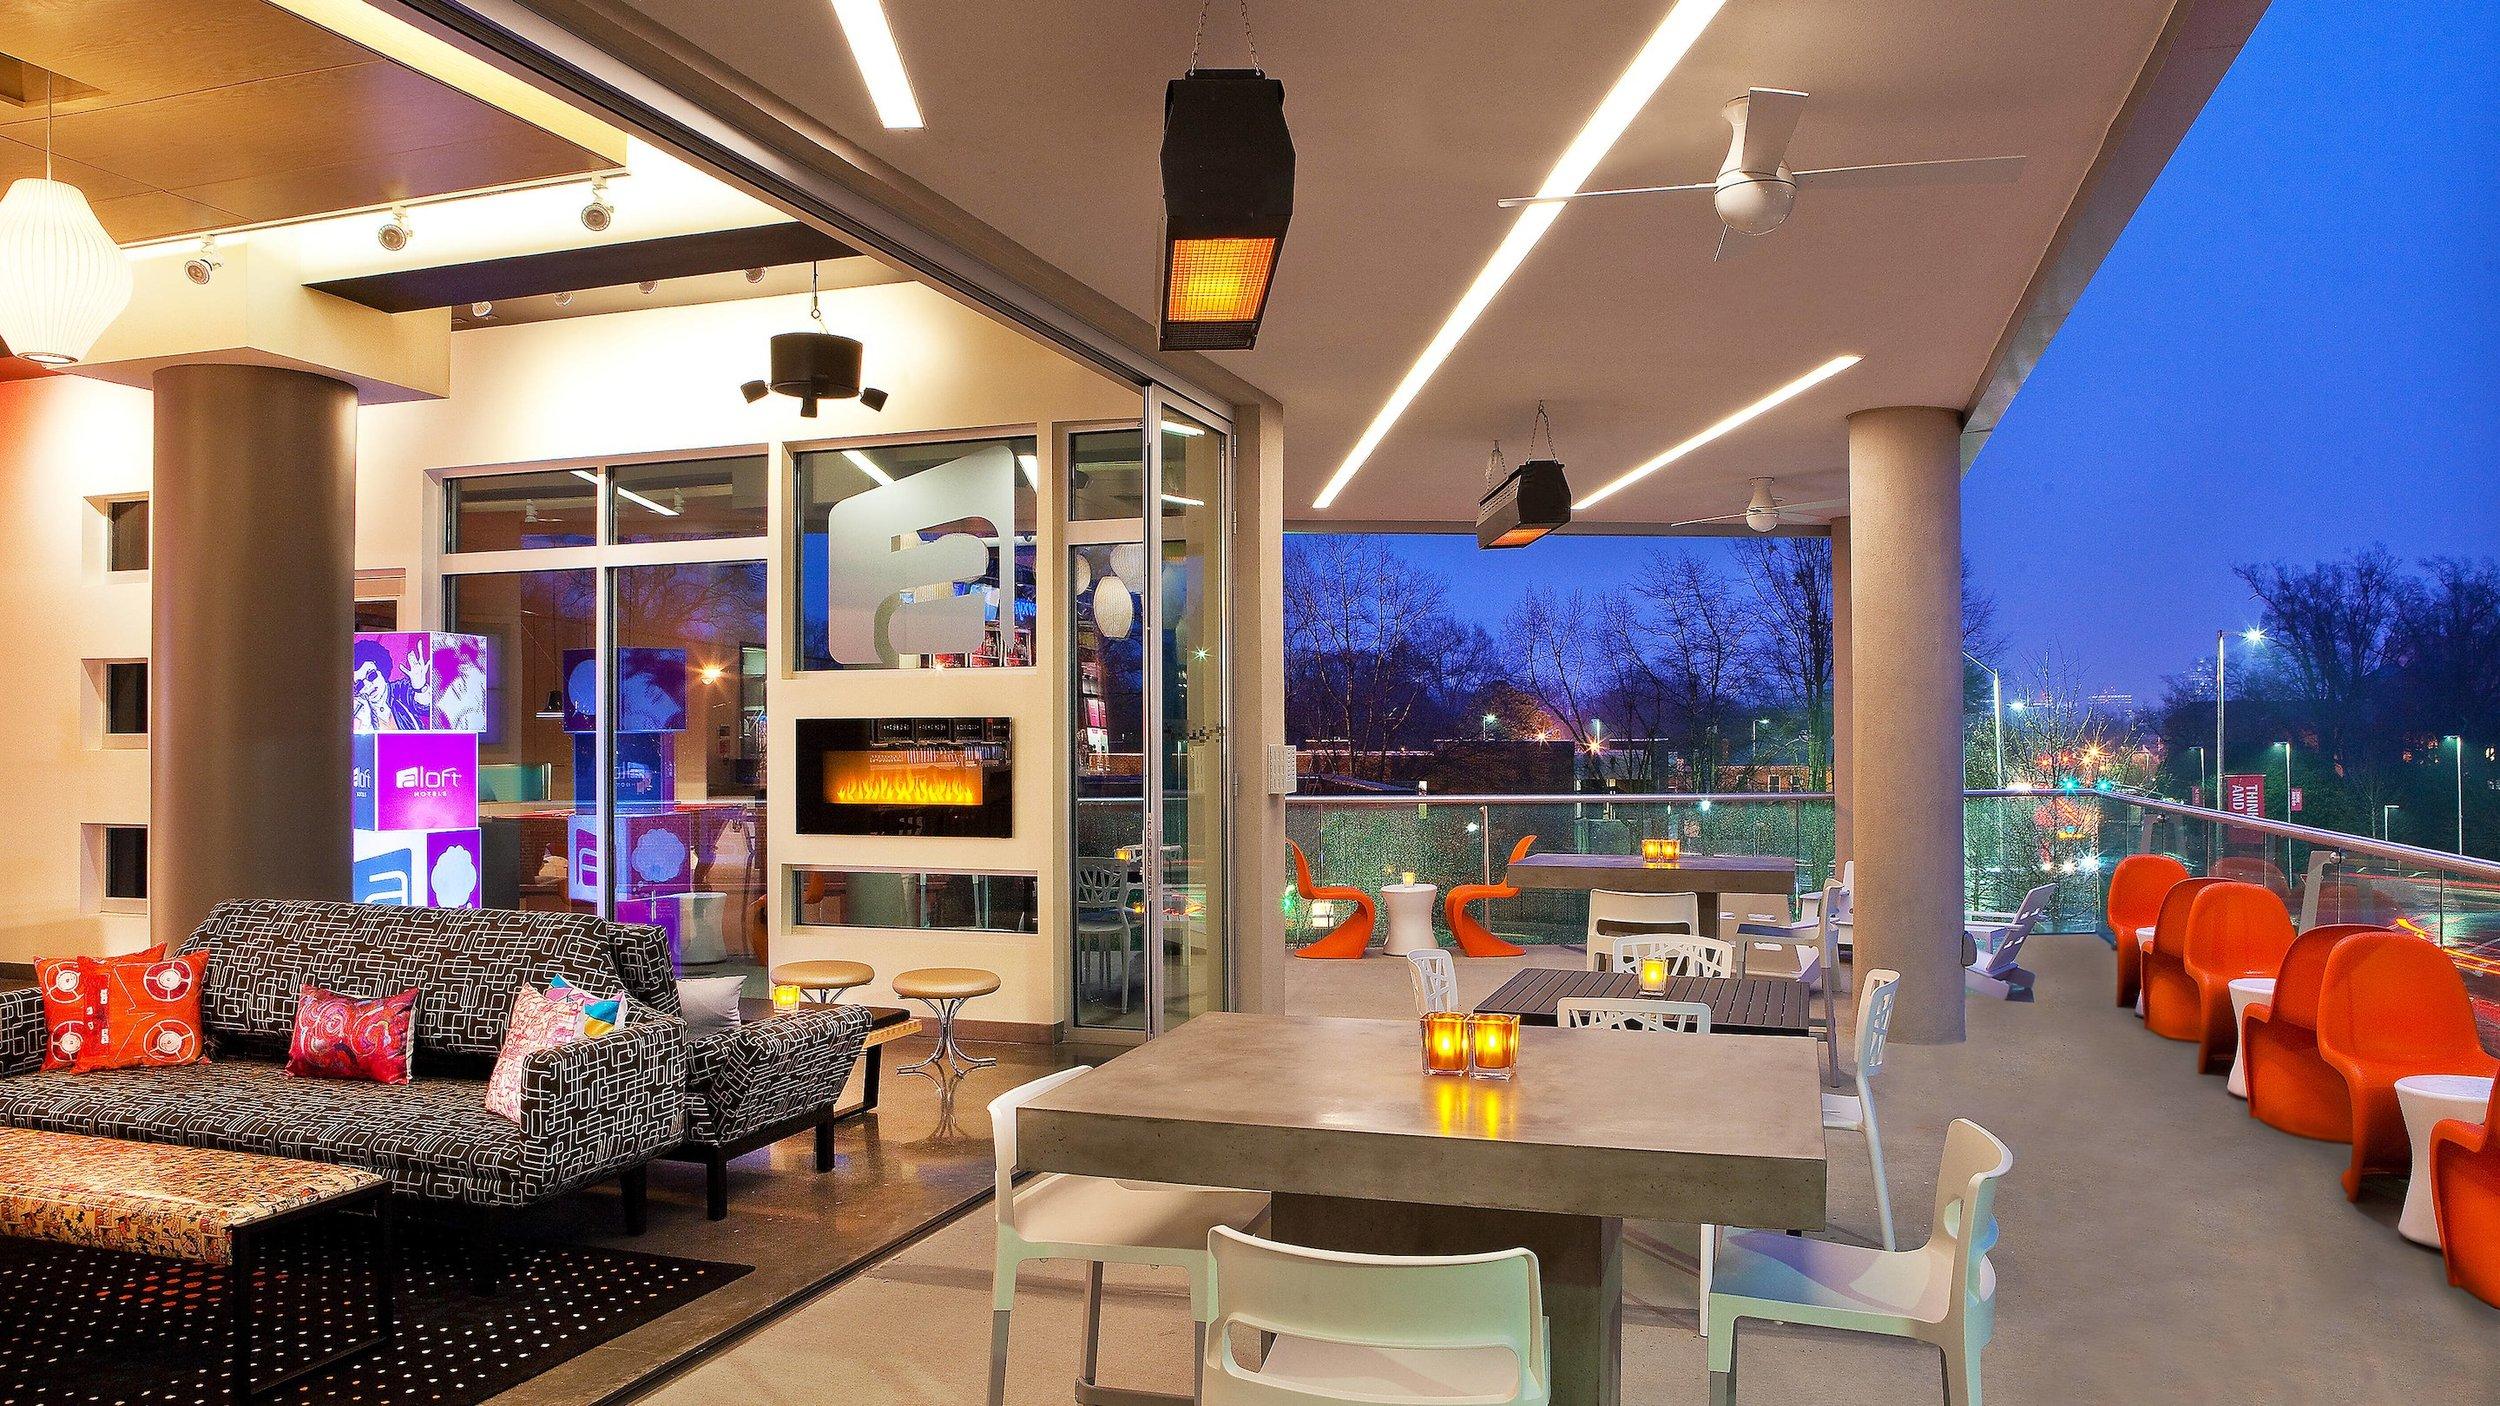 rdura-patio-8735-hor-wide.jpg